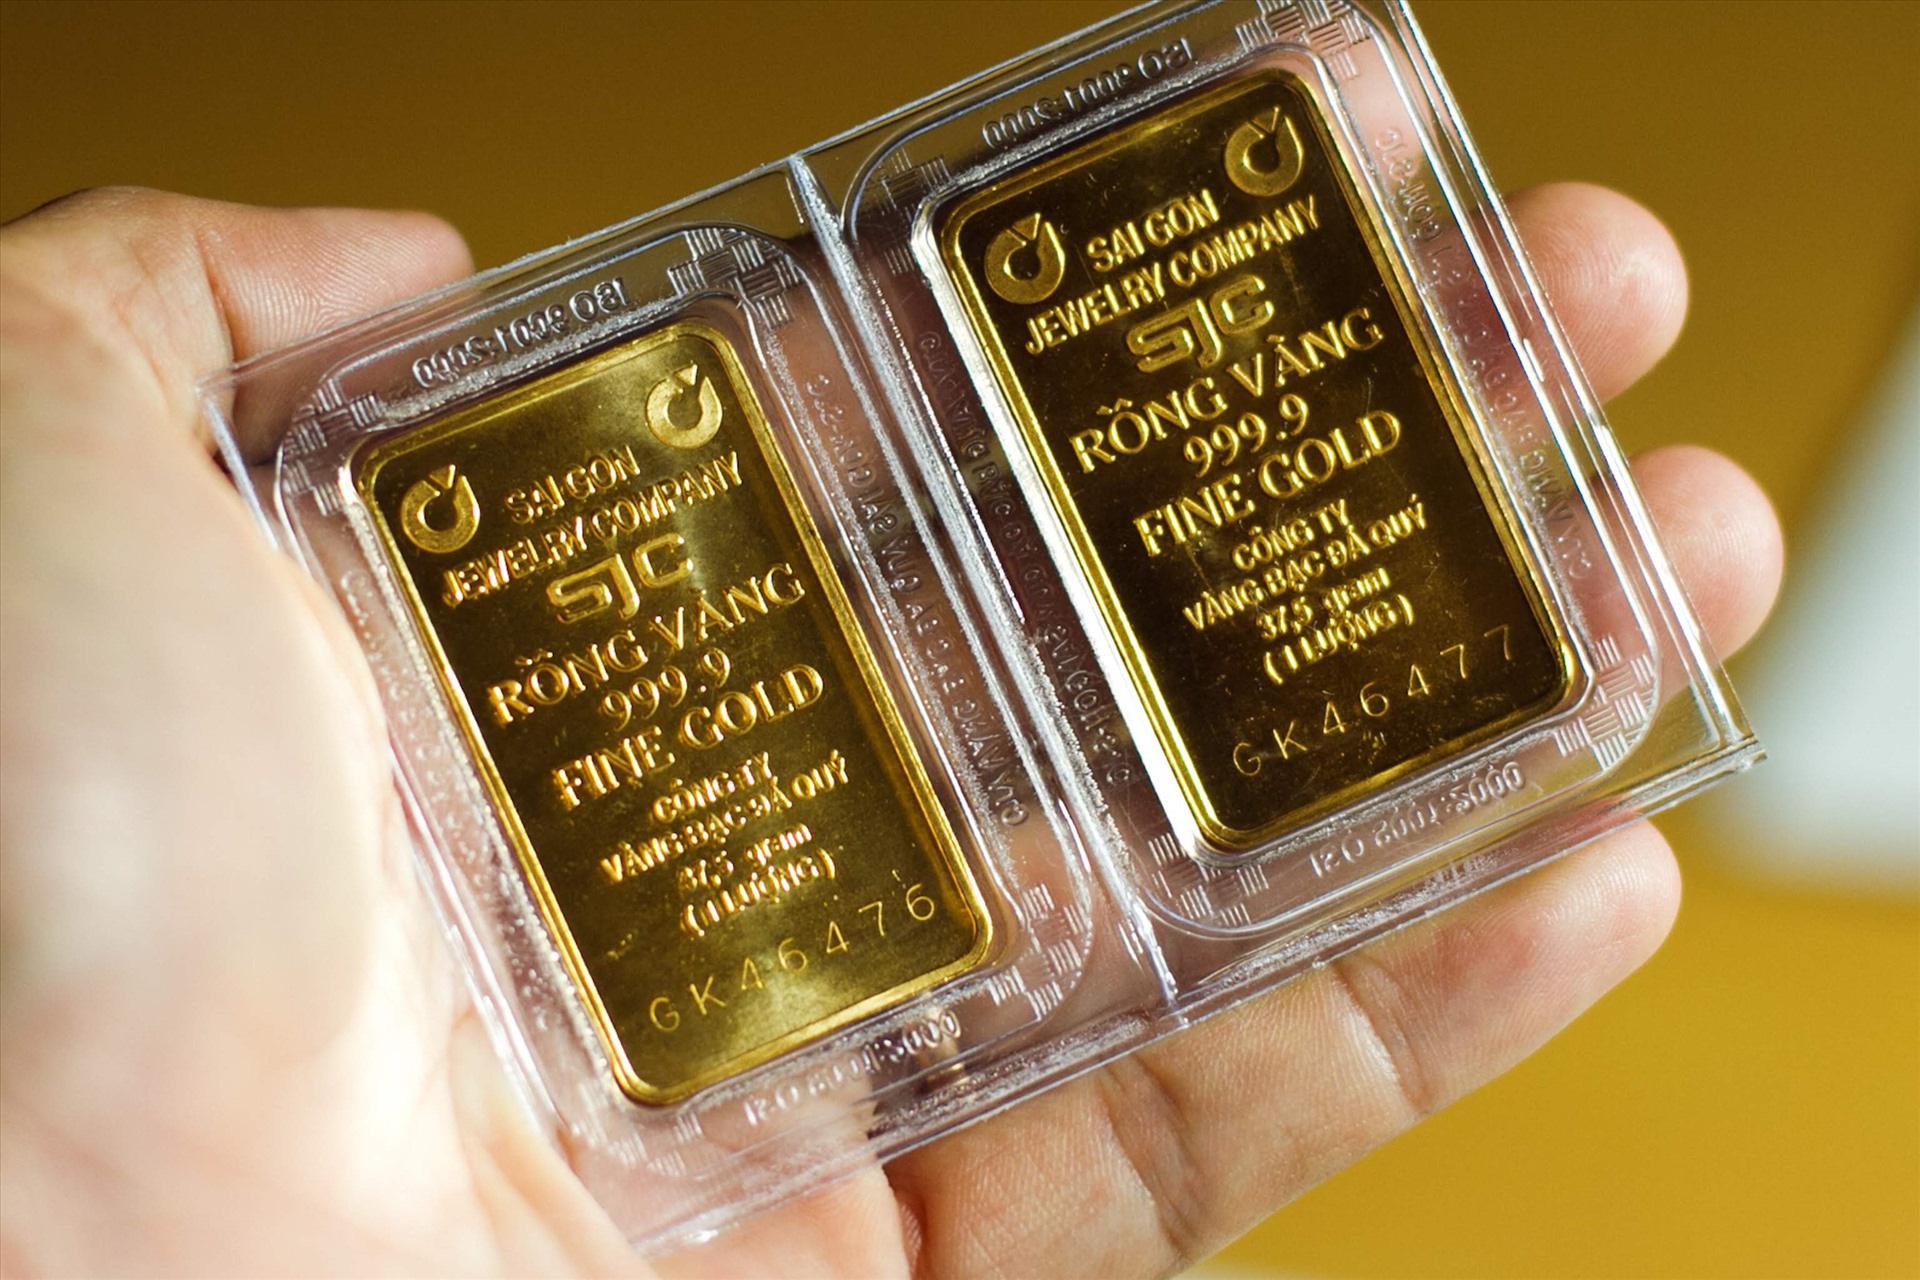 Giá vàng hôm nay 22/4: Tăng vọt, vàng thế giới tiến sát mức 51 triệu đồng/lượng - Ảnh 1.